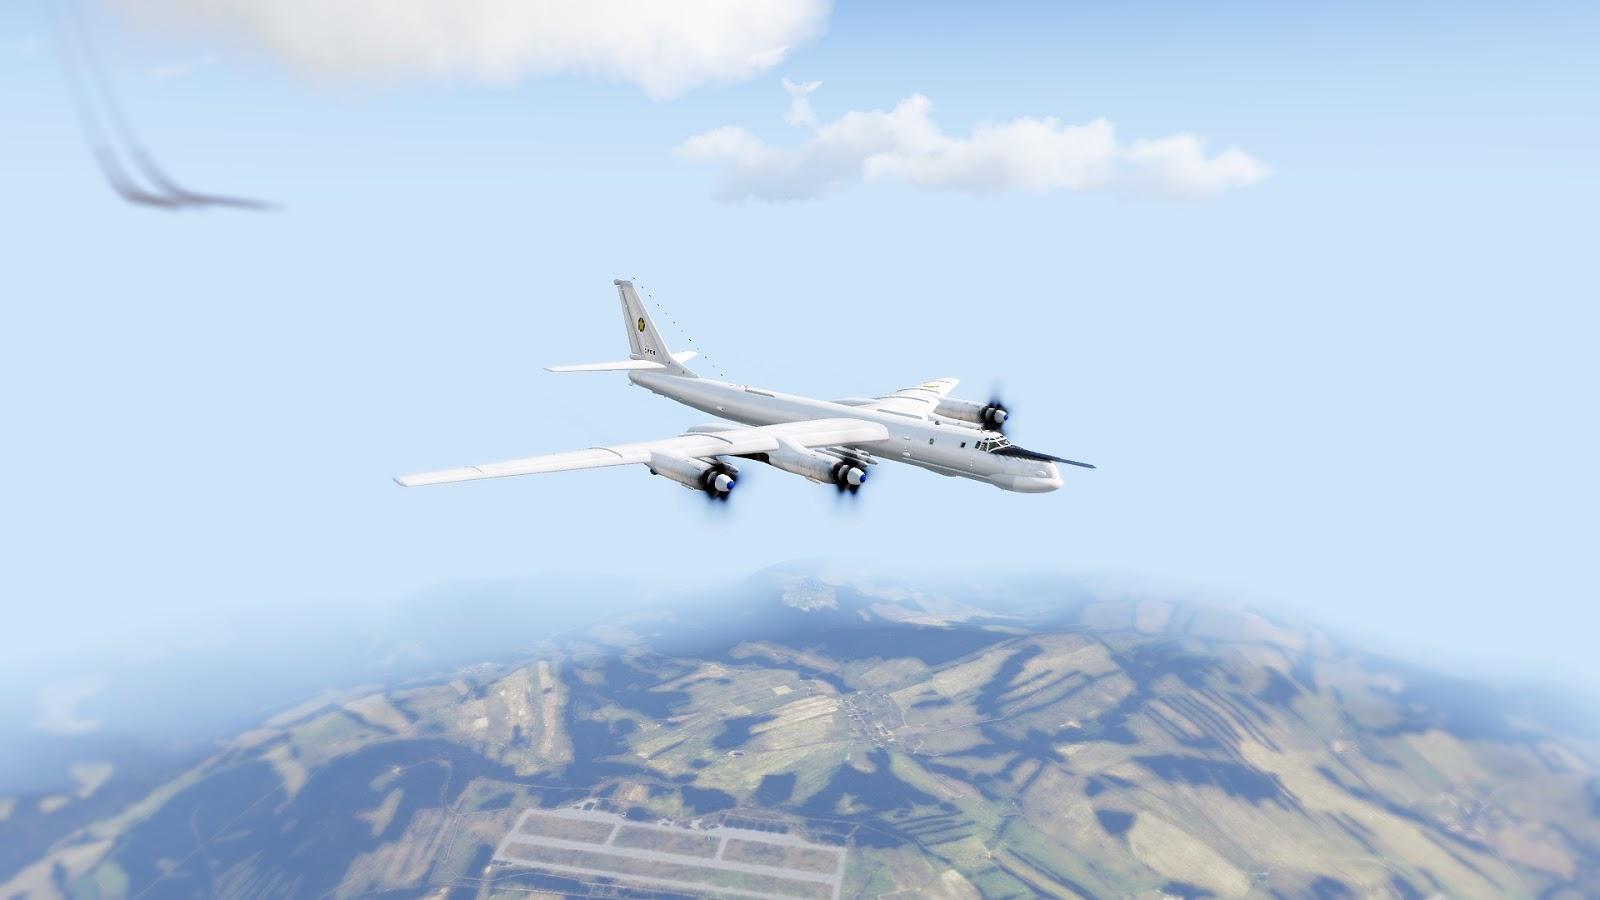 Tu 95 (航空機)の画像 p1_28